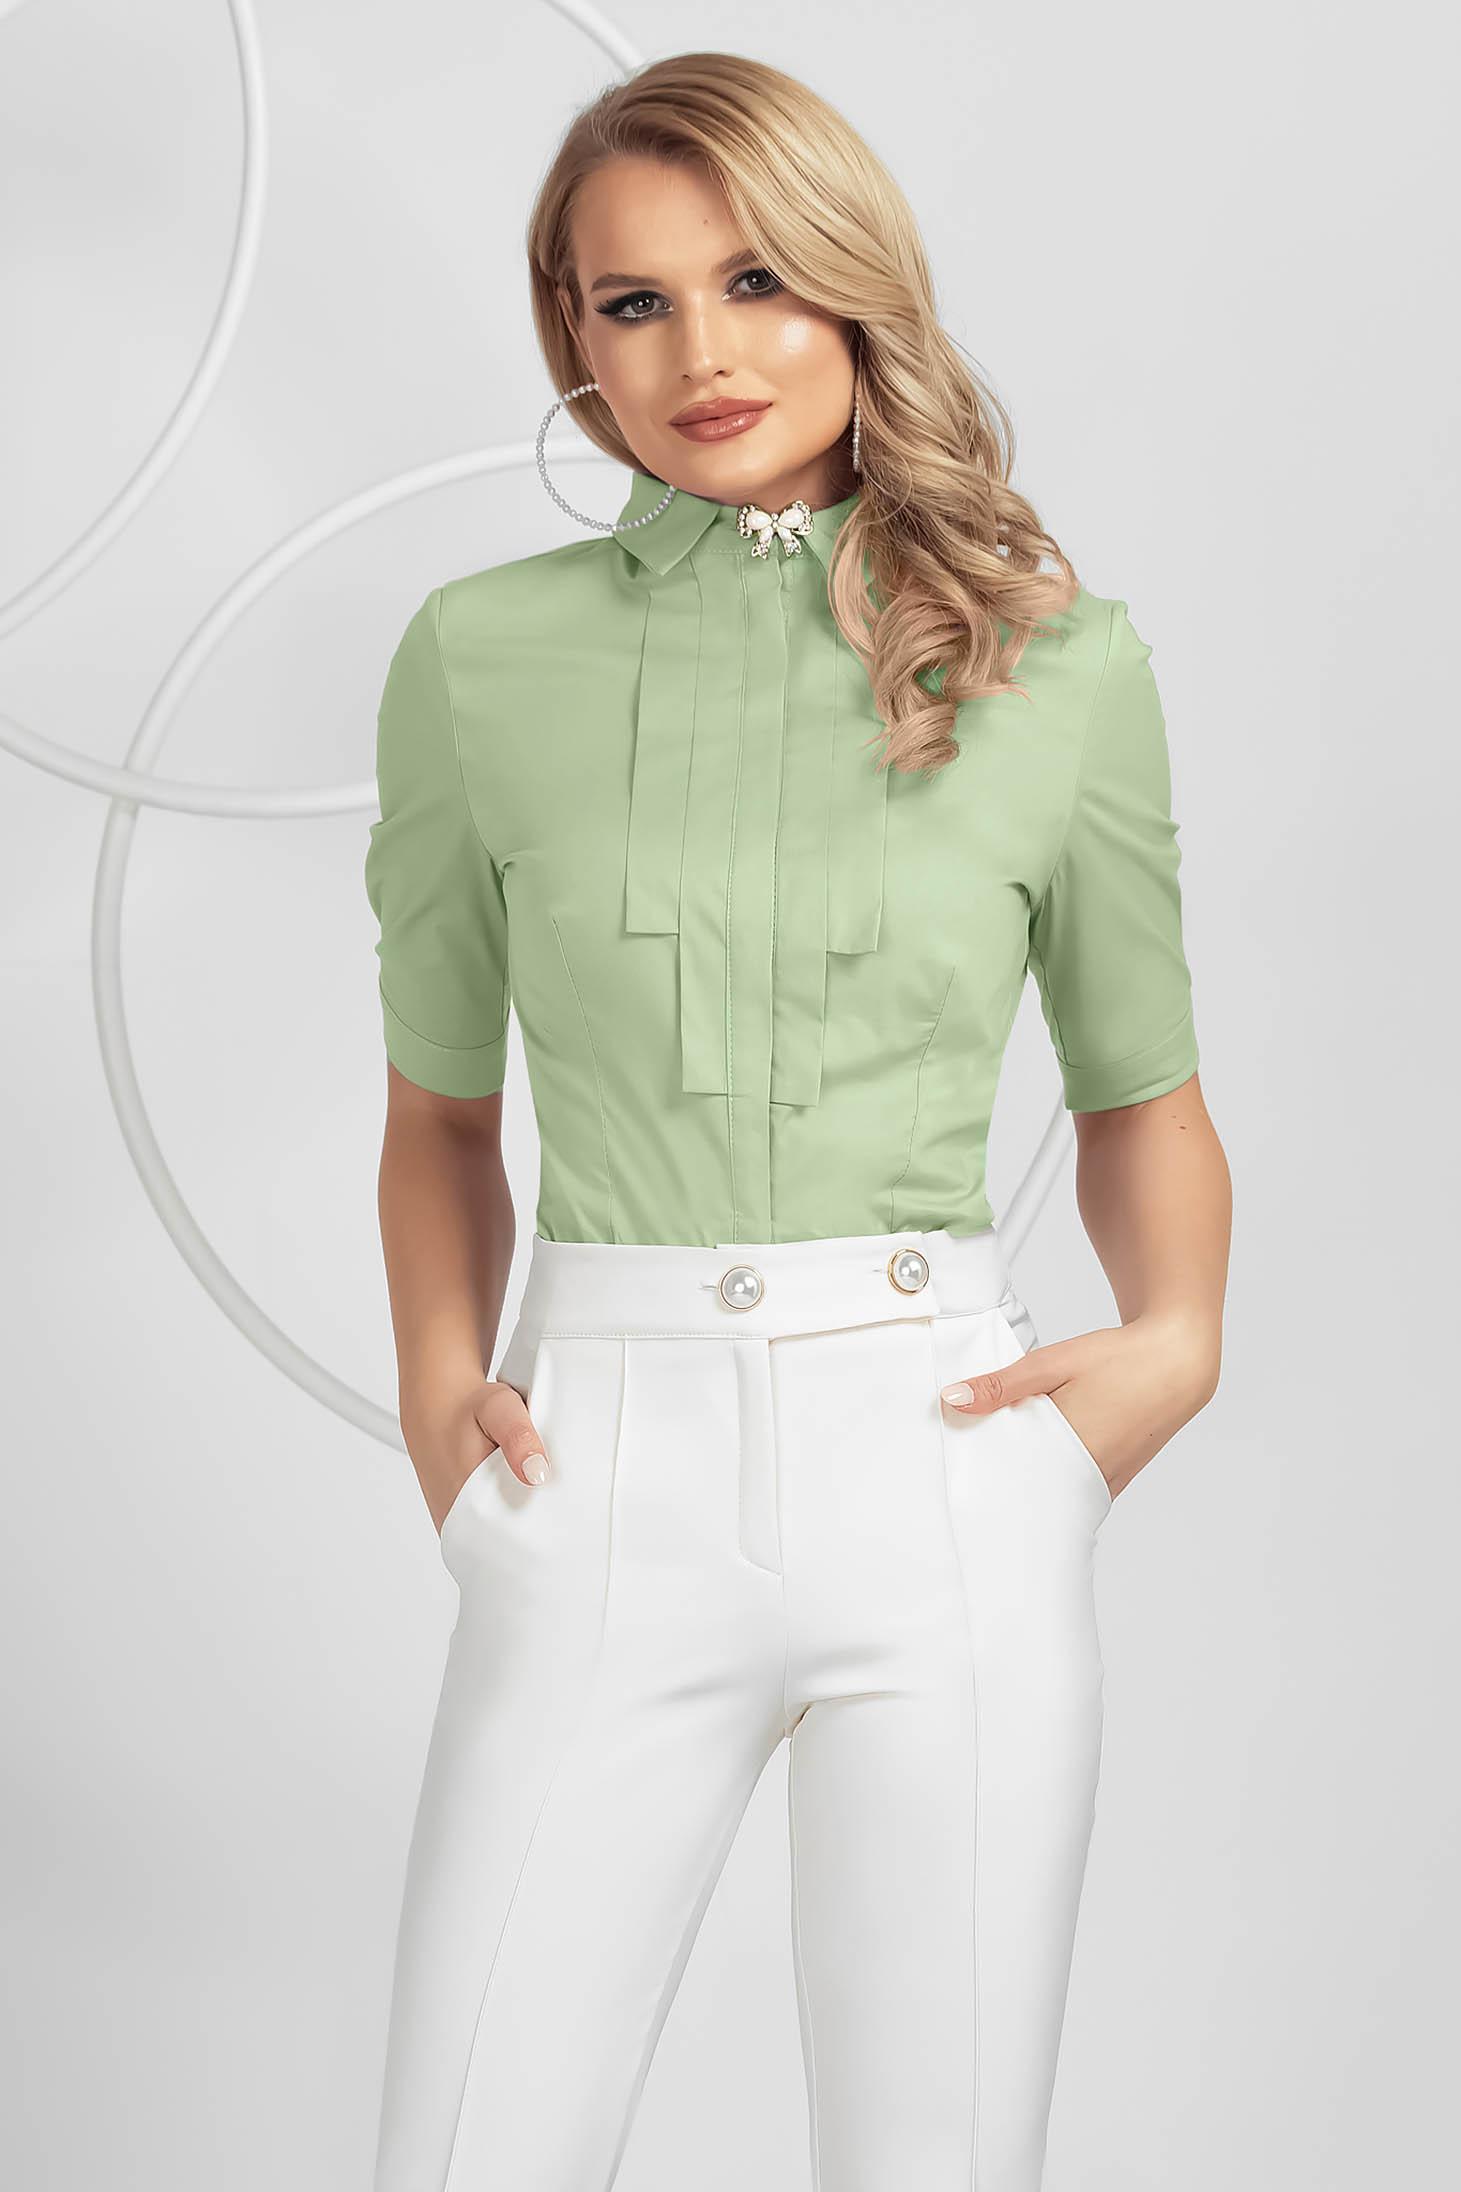 Világos zöld elegáns szűkített női ing pamutból készült bross kiegészítővel